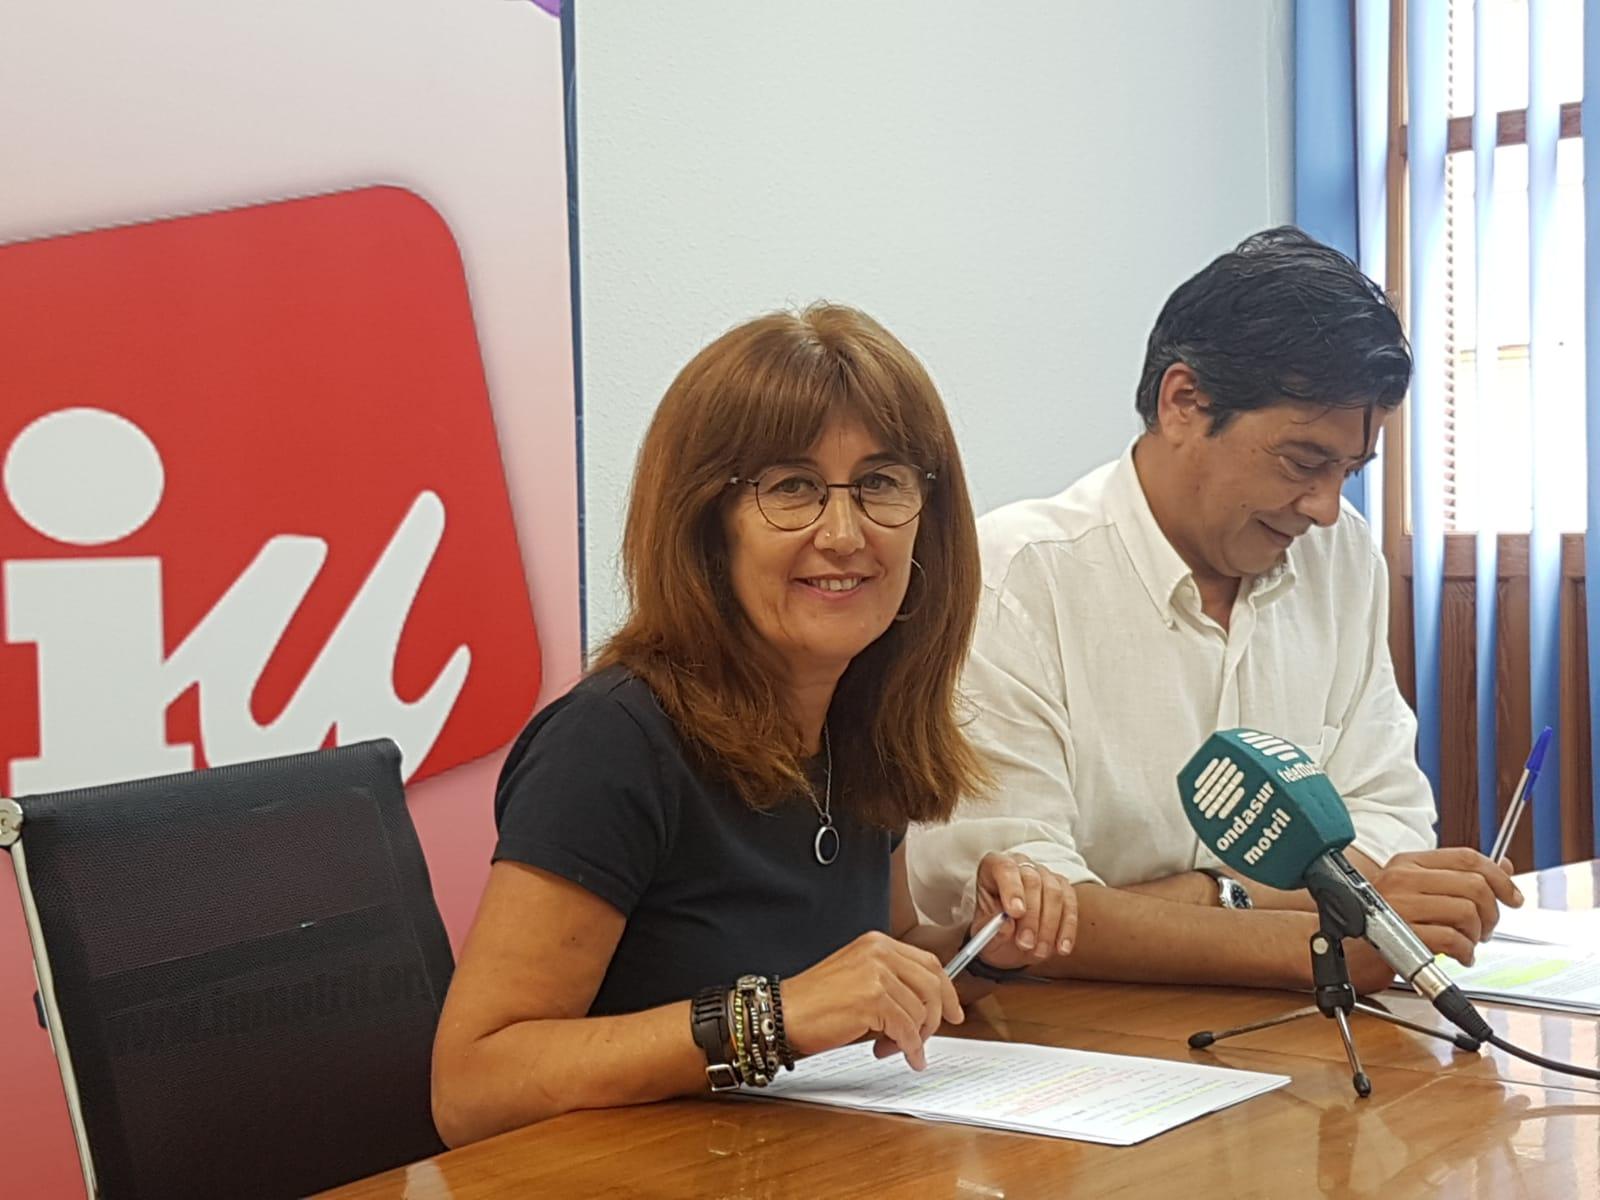 DANIELA PAQUÉ Y JOSÉ GARCÍA EN RUEDA DE PRENSA (Foto: El Faro)